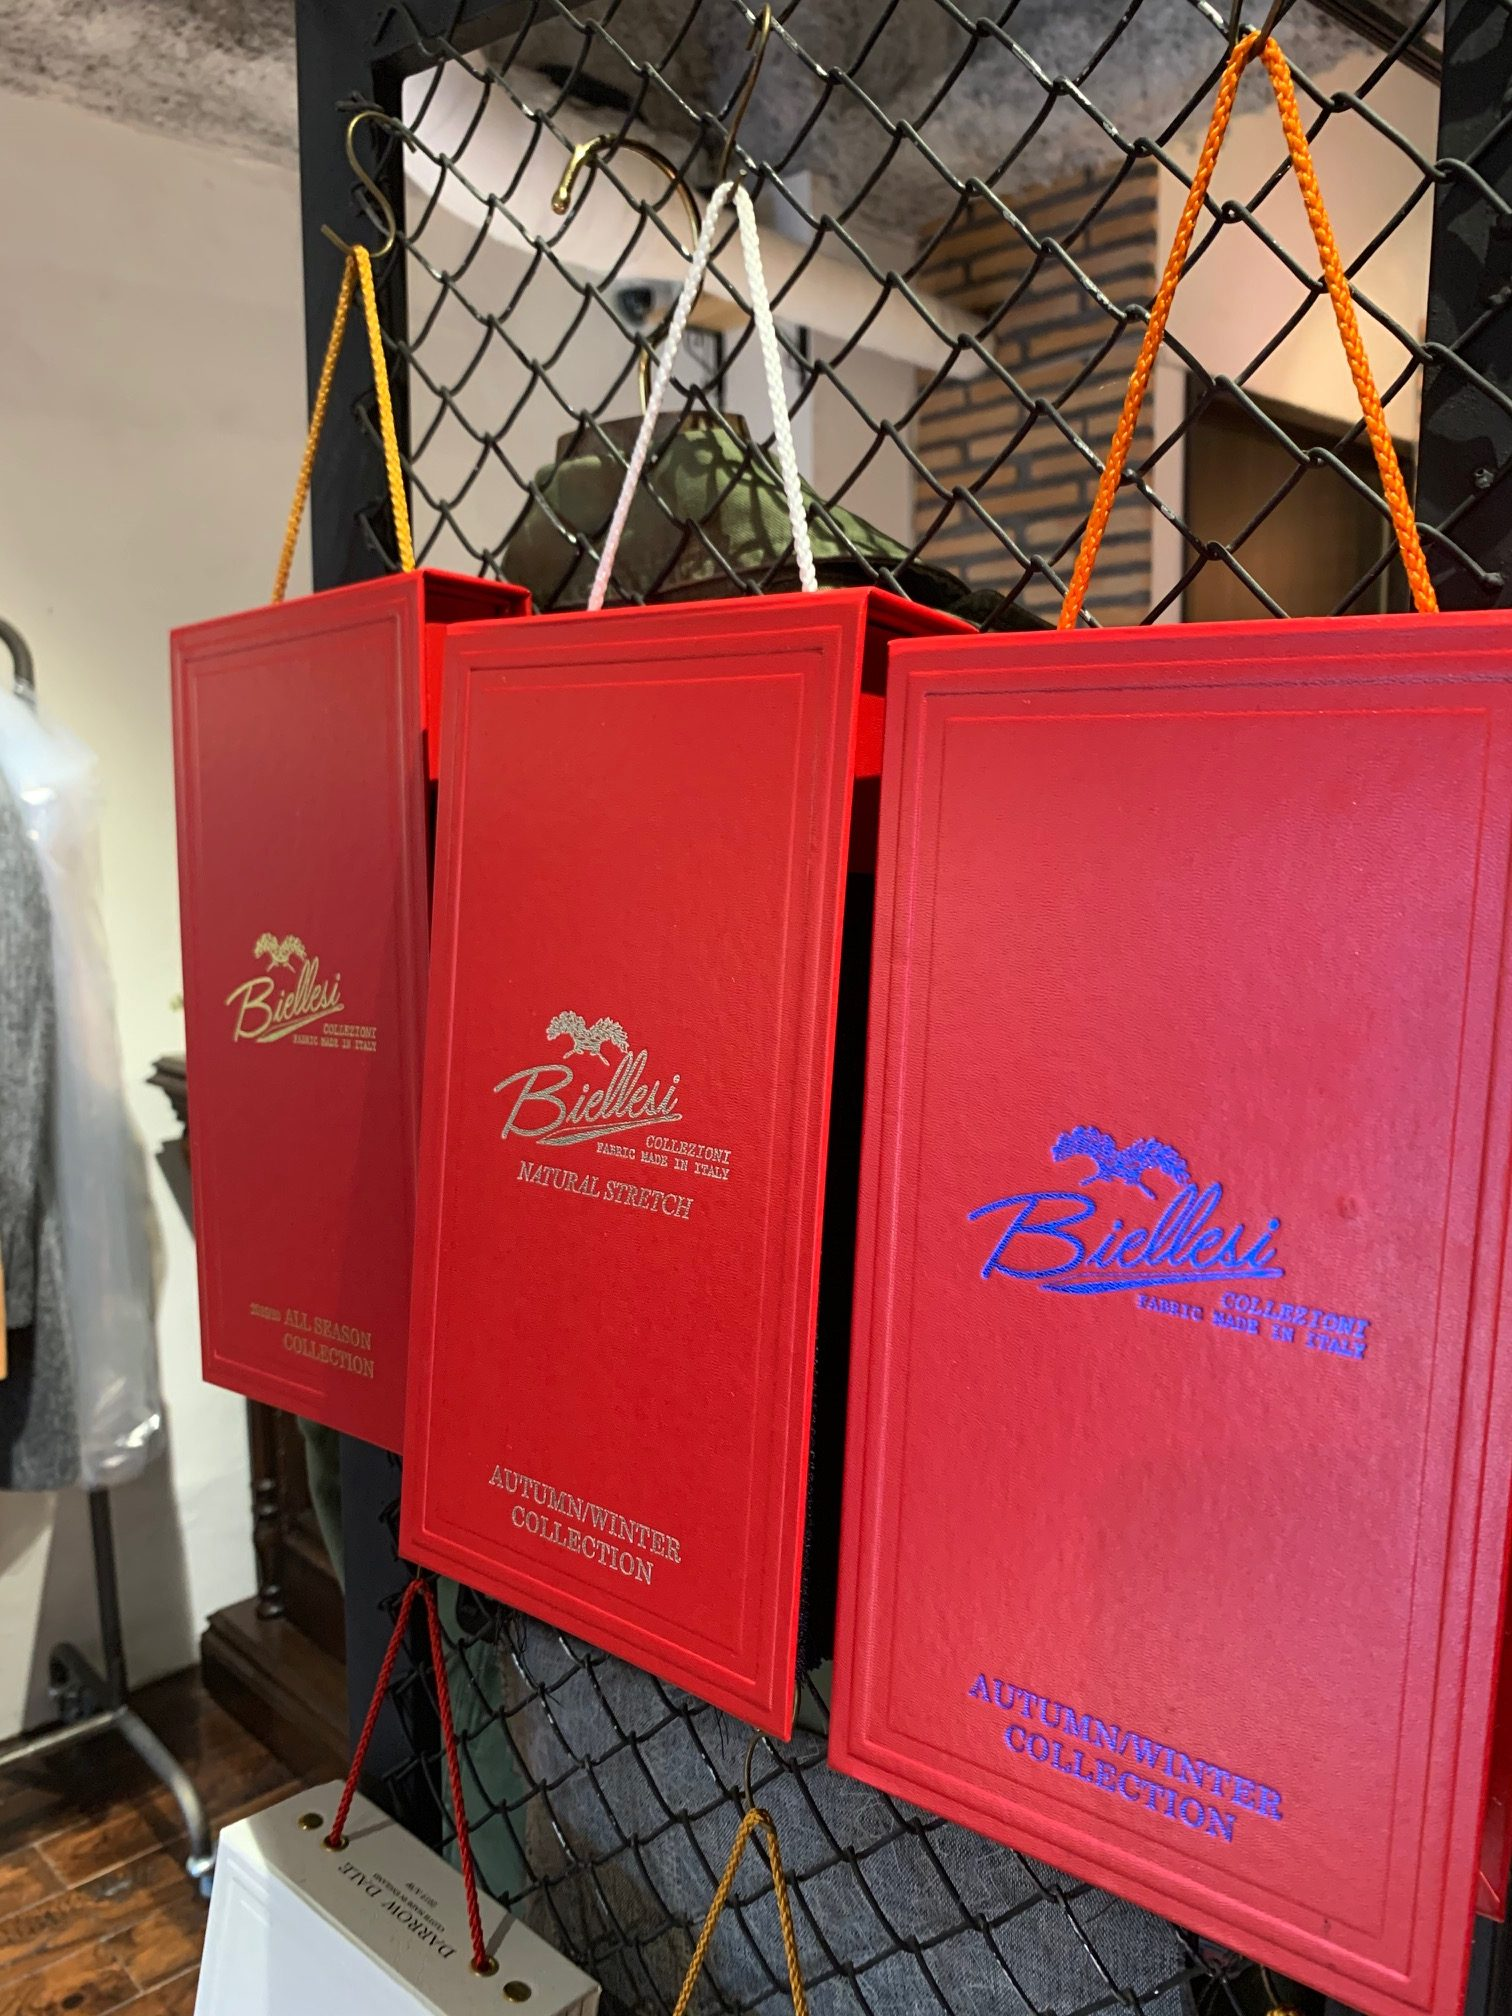 image0 2 e1572159121194 - オーダースーツのおススメブランド(サルトクレイスで一番売れているのは?)